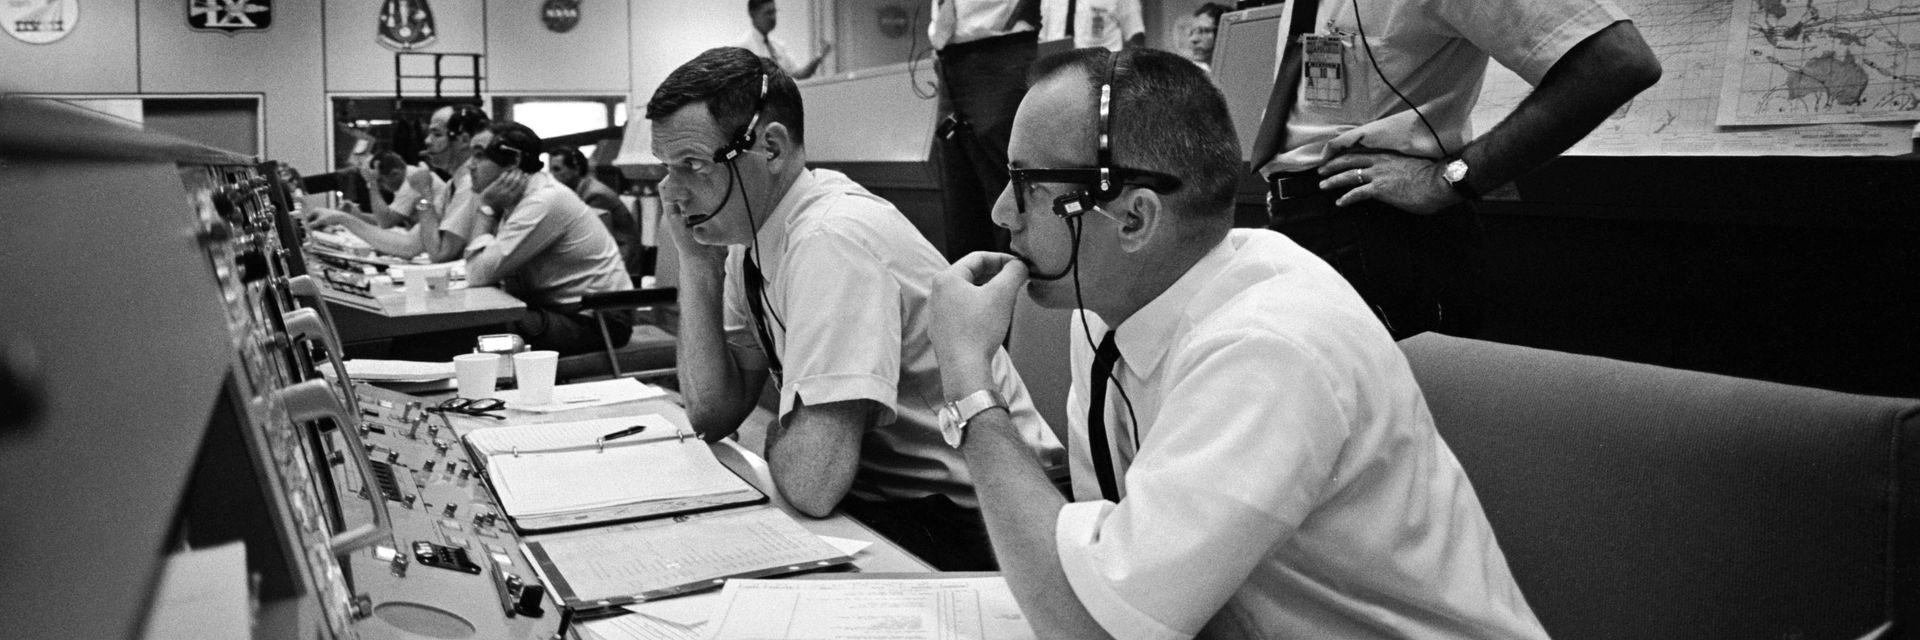 Fra lederkonsollen i kontrollrommet til Apollo-ferdene. På hodet har flygelederne spesielle hodesett som var de første av sin type. De ble konstruert av og var det første produktet til Plantronics.